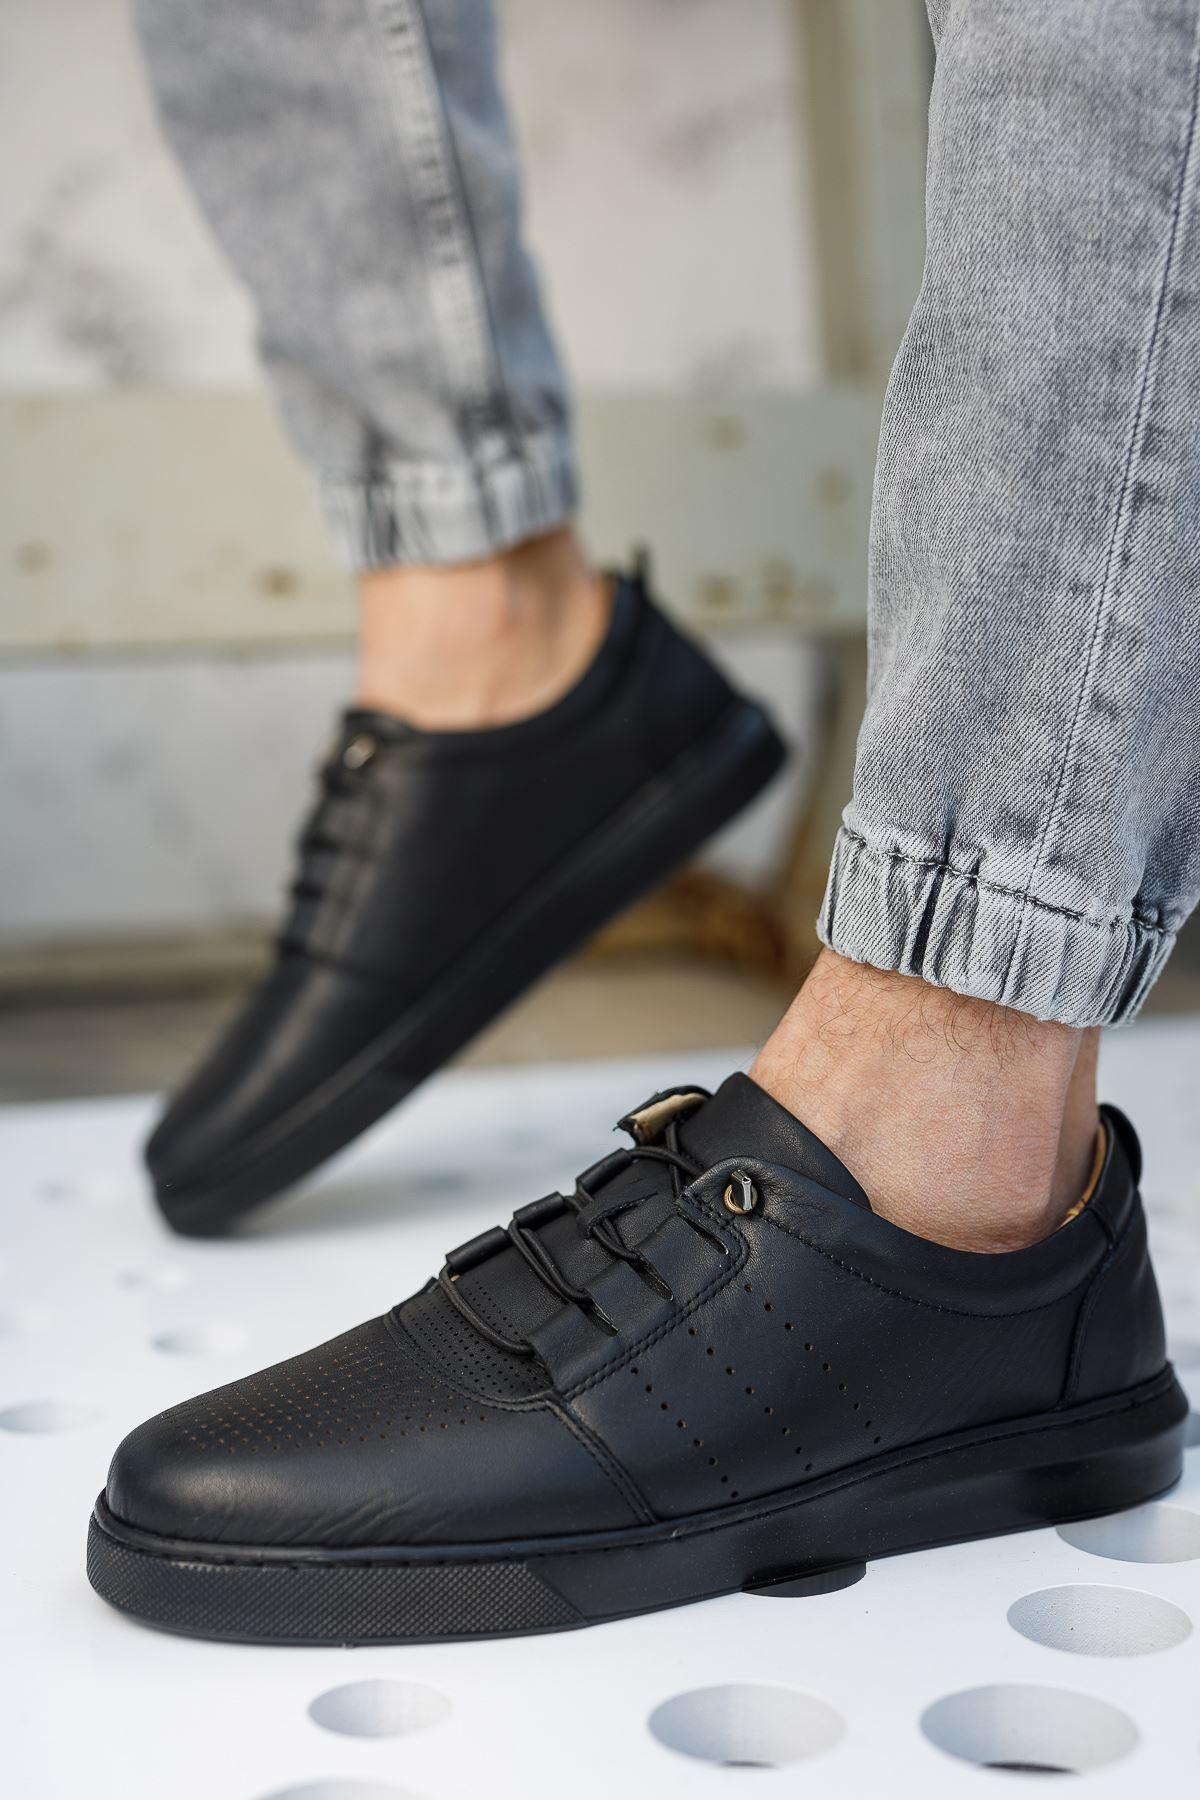 Lastik Bağcıklı Ortopedik Taban Siyah Deri Ayakkabı